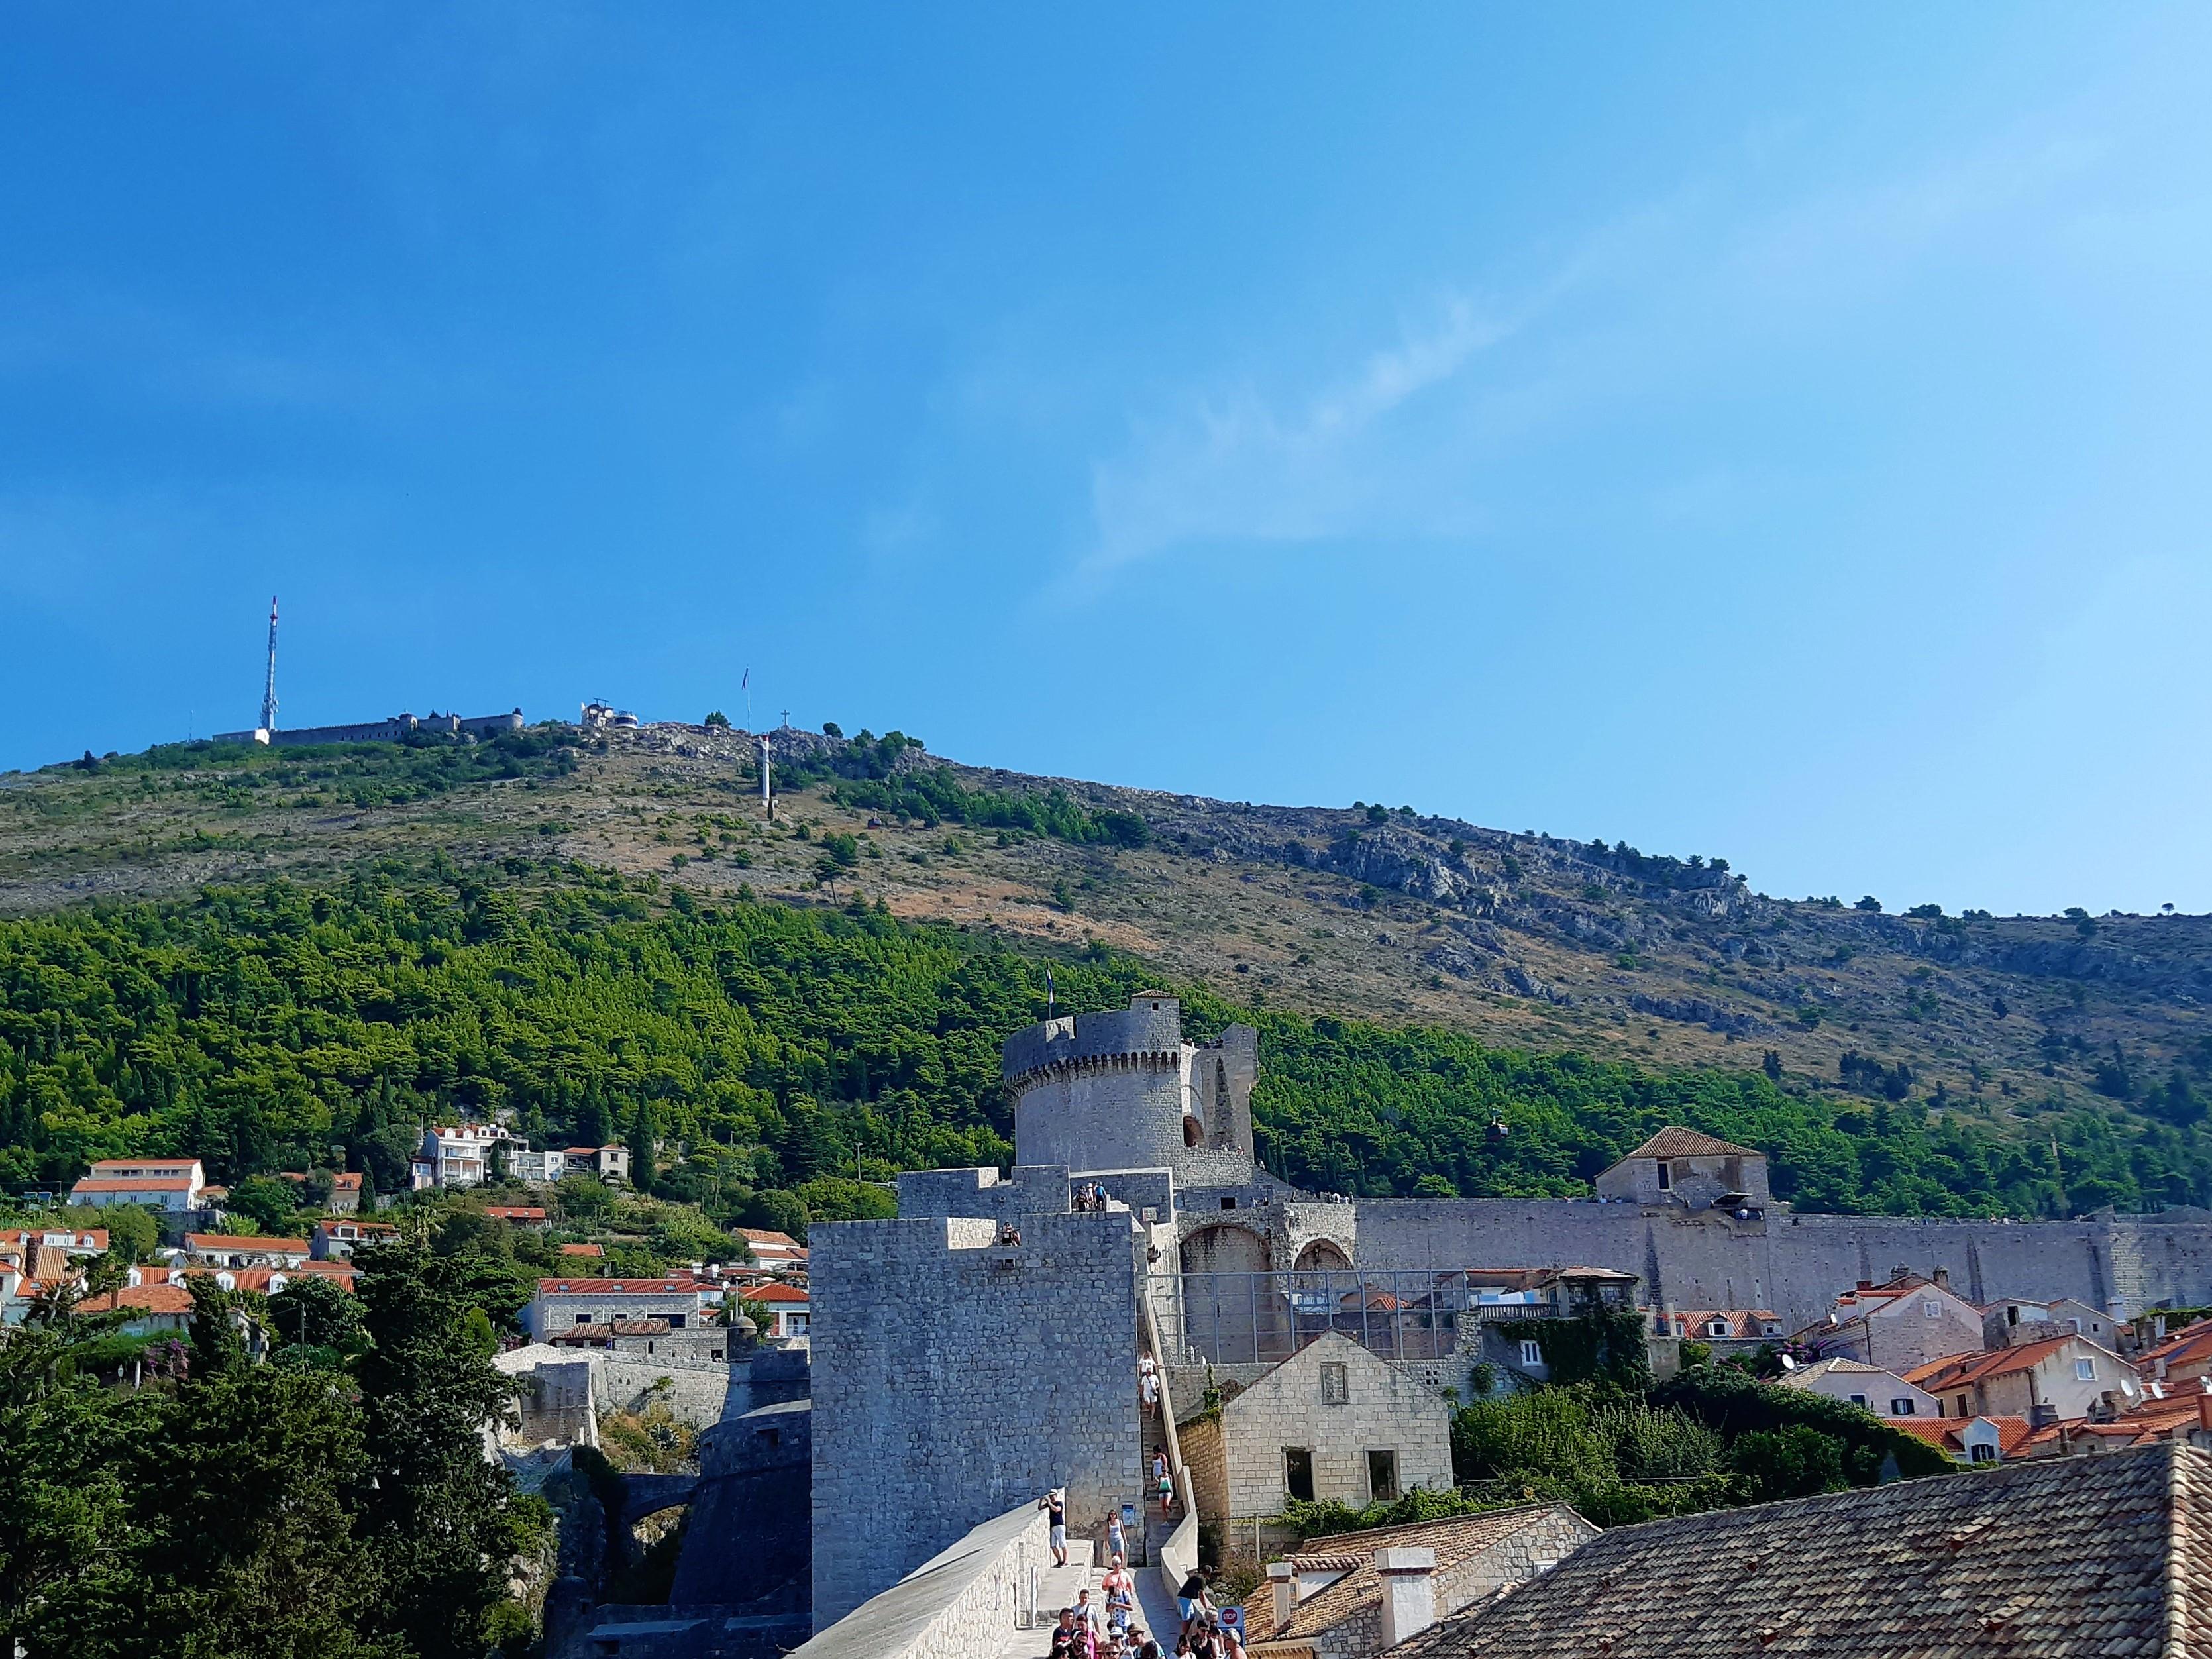 Srd, der Hausberg von Dubrovnik